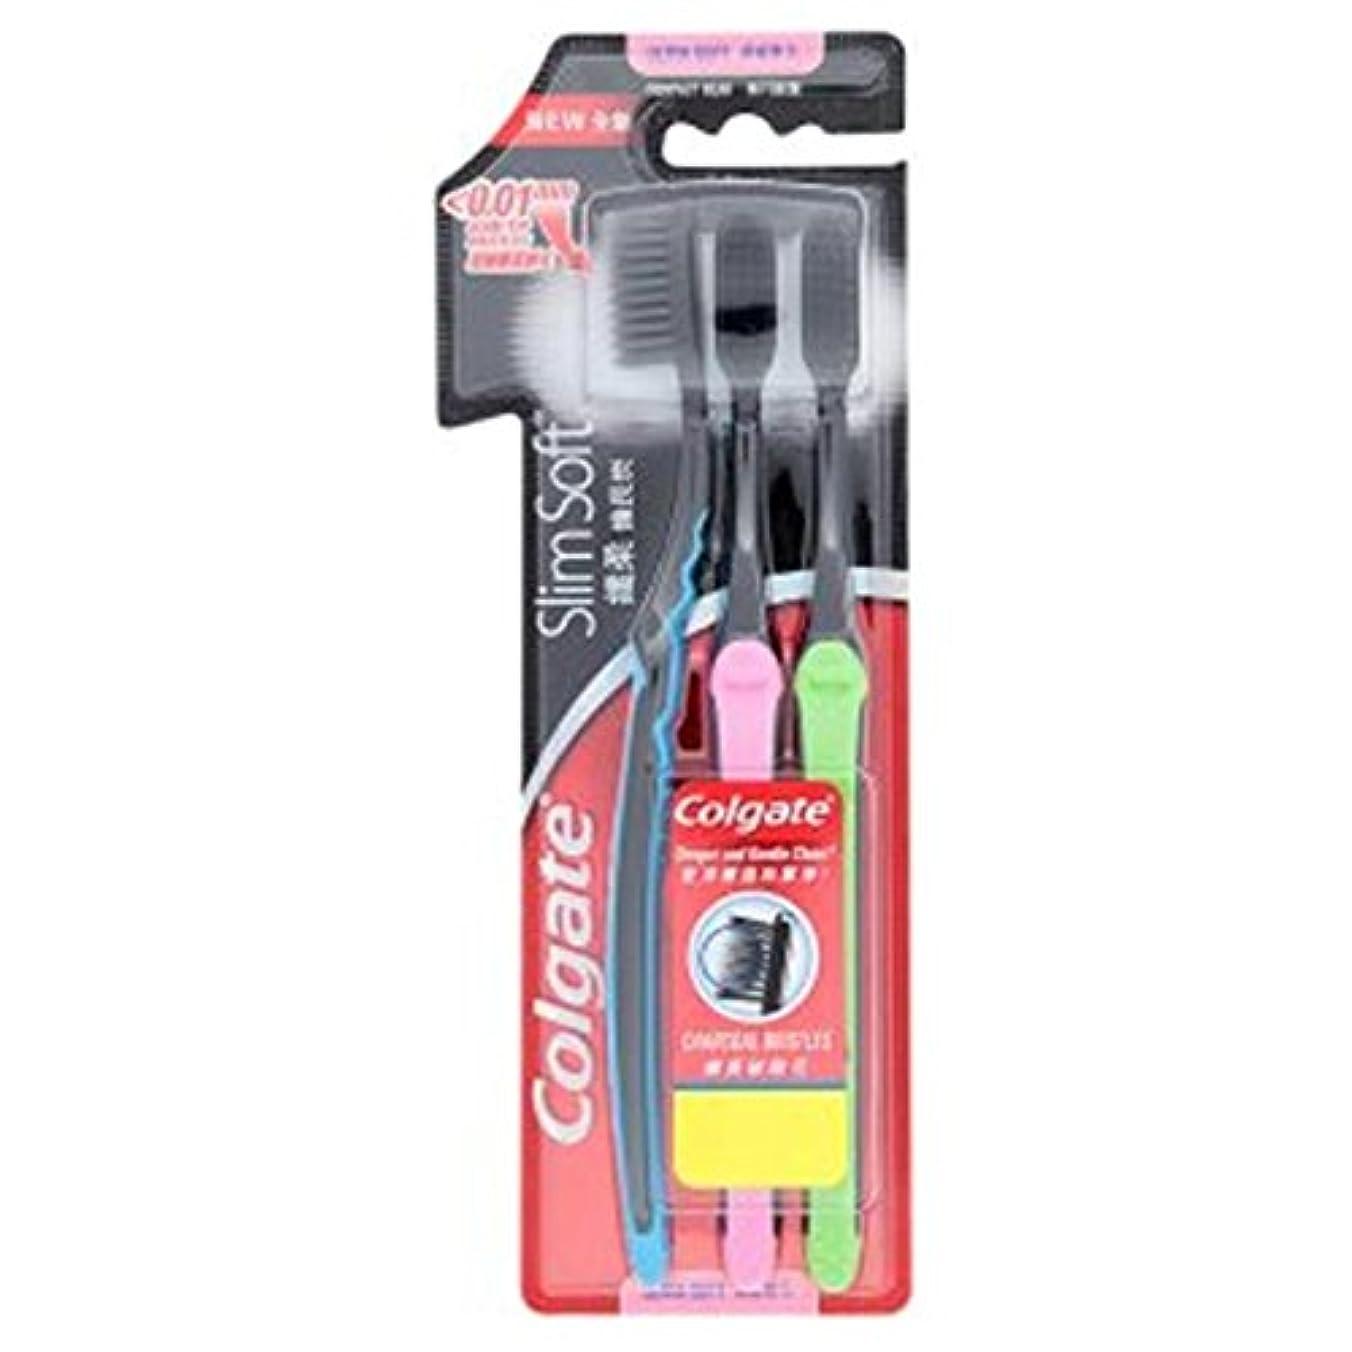 ネスト聖域エンドテーブルColgate Slimsoftコンパクトヘッドウルトラソフトチャコール剛毛歯ブラシ。